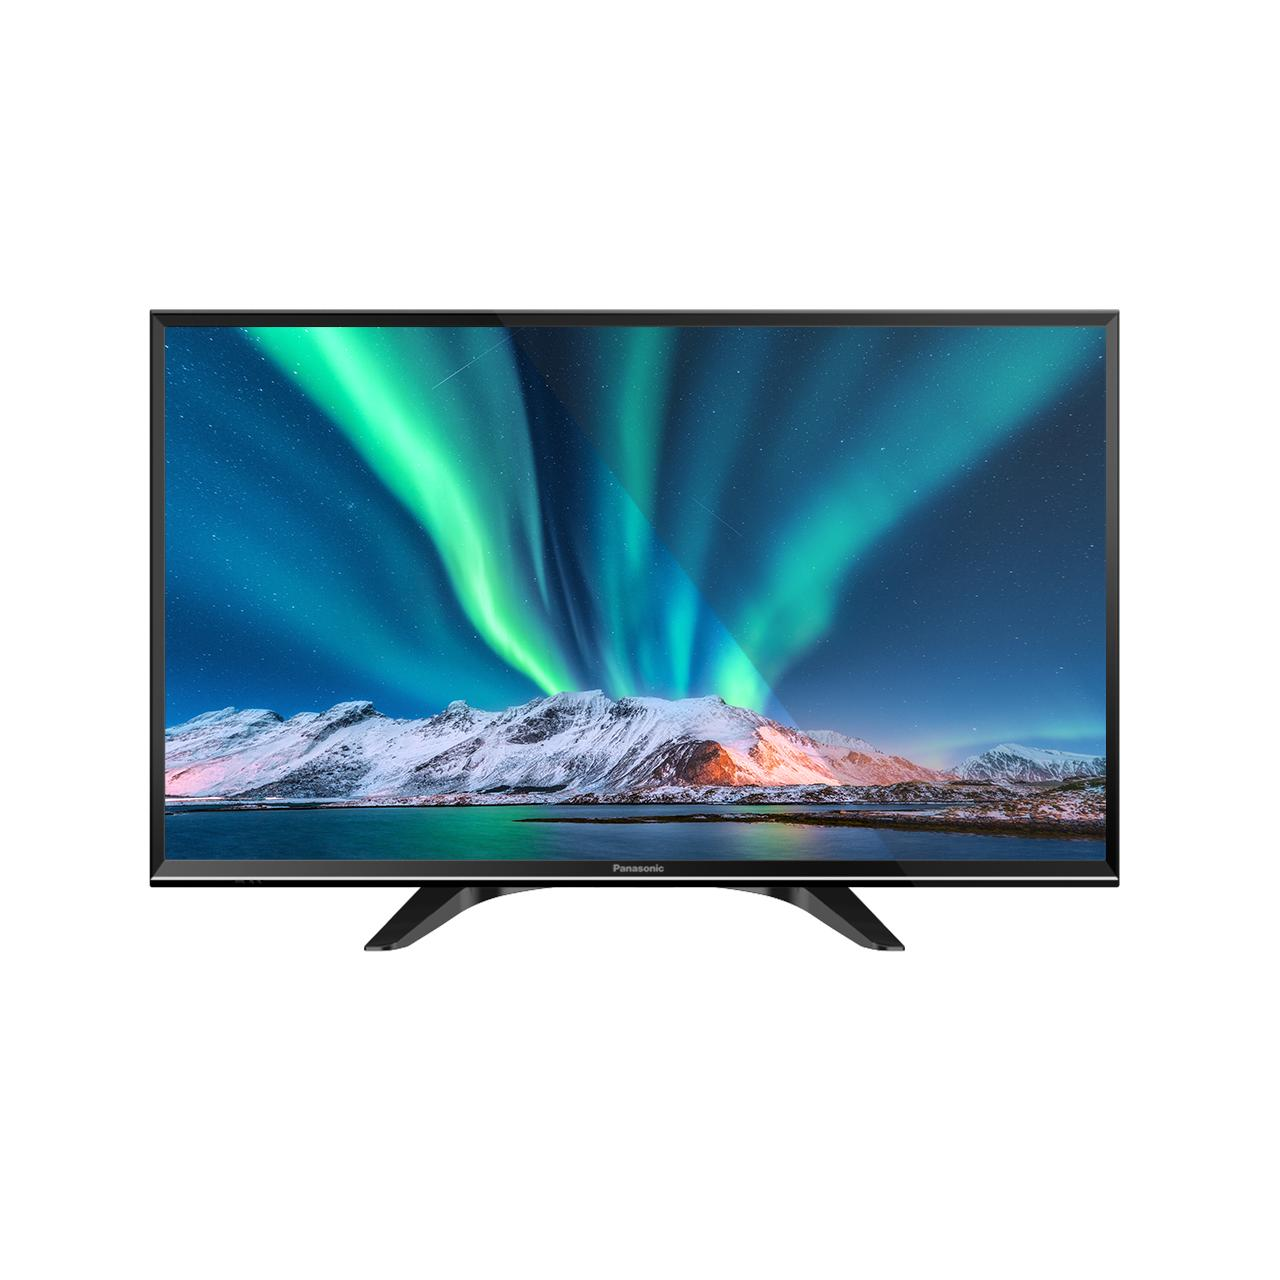 Bảng giá [Chỉ Giao Tại HCM&HN] - TV Android Panasonic TH-40FS500V - Bảo Hành 2 Năm - Hàng Chính Hãng